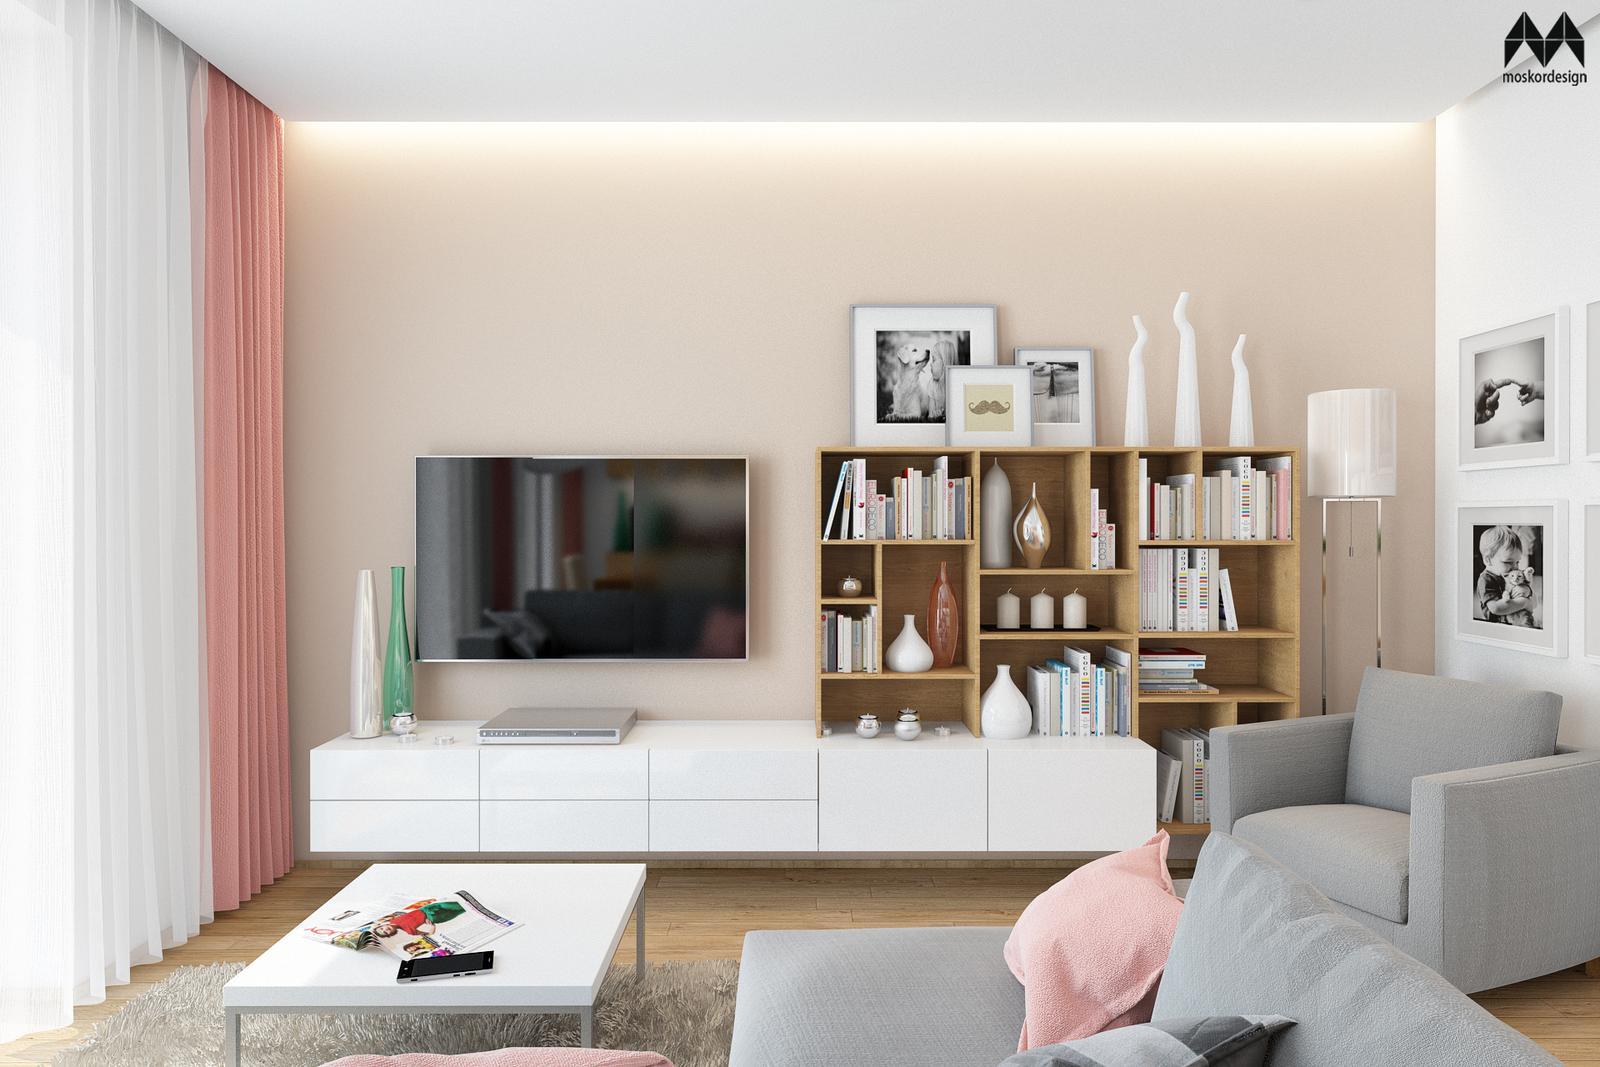 Interiér s růžovou ... - pohled na TV sestavu v obývacím pokoji